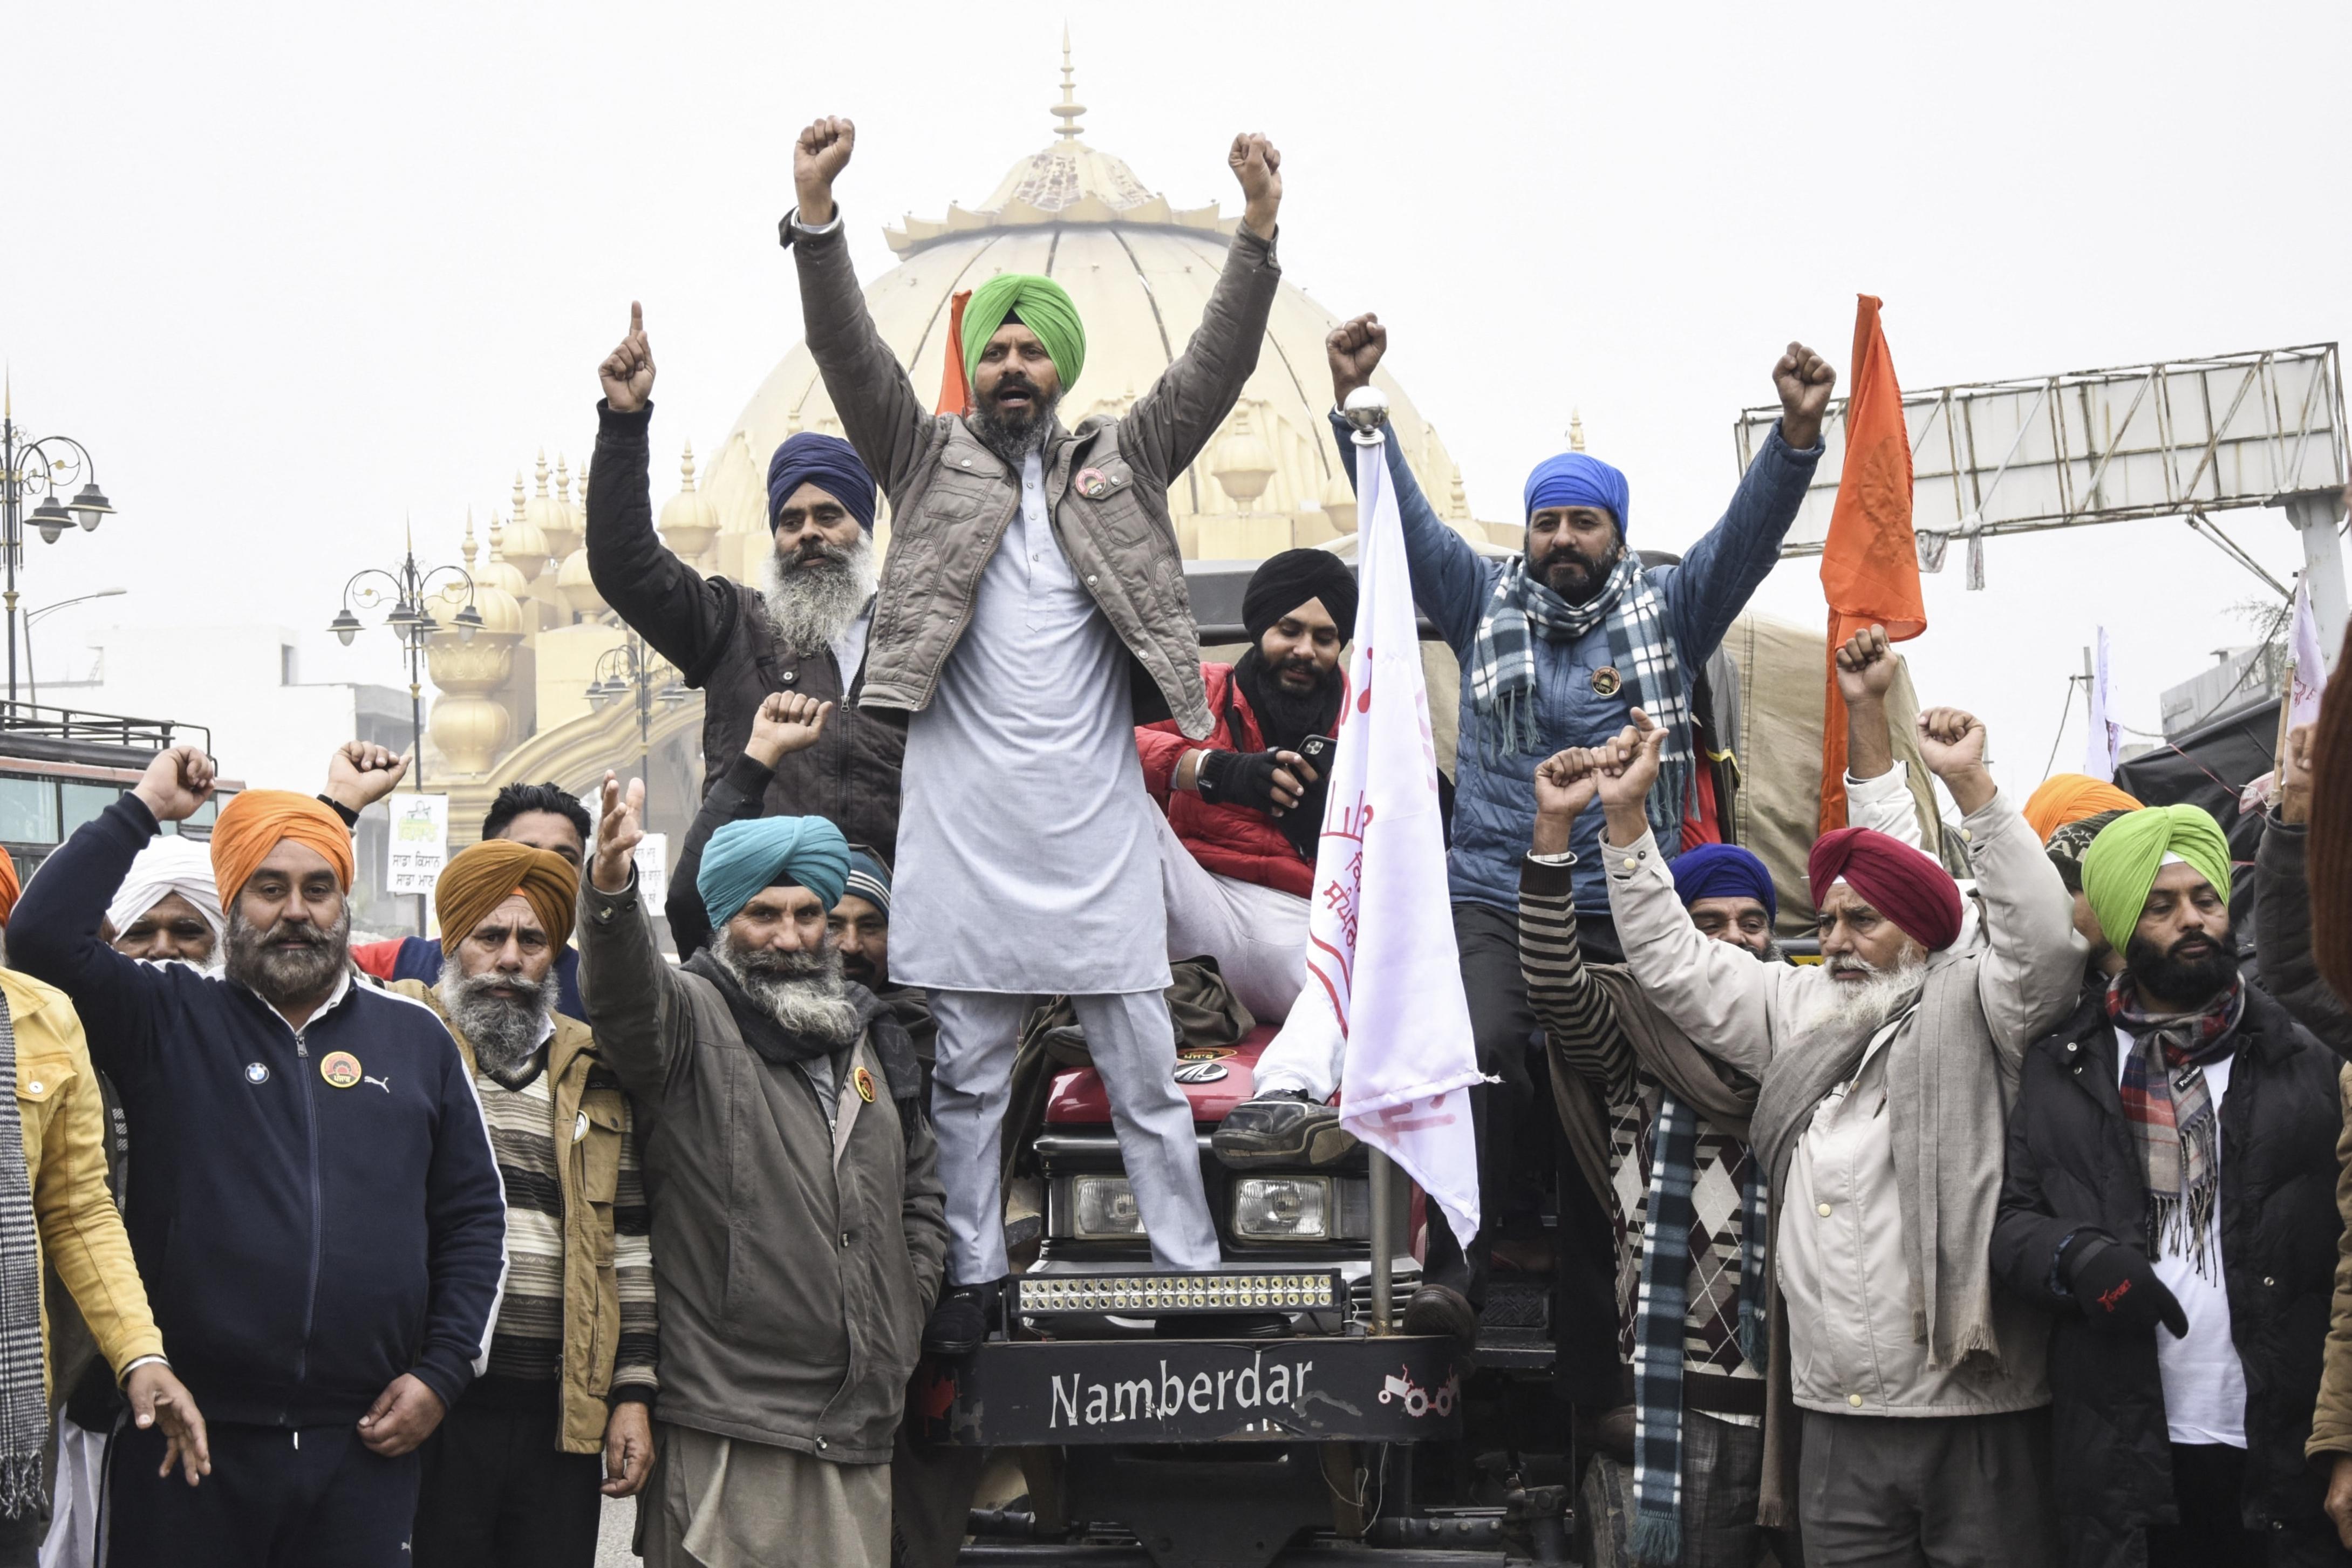 A tömegtüntetések hatására az indiai legfelsőbb bíróság leállította az új mezőgazdasági törvények bevezetését